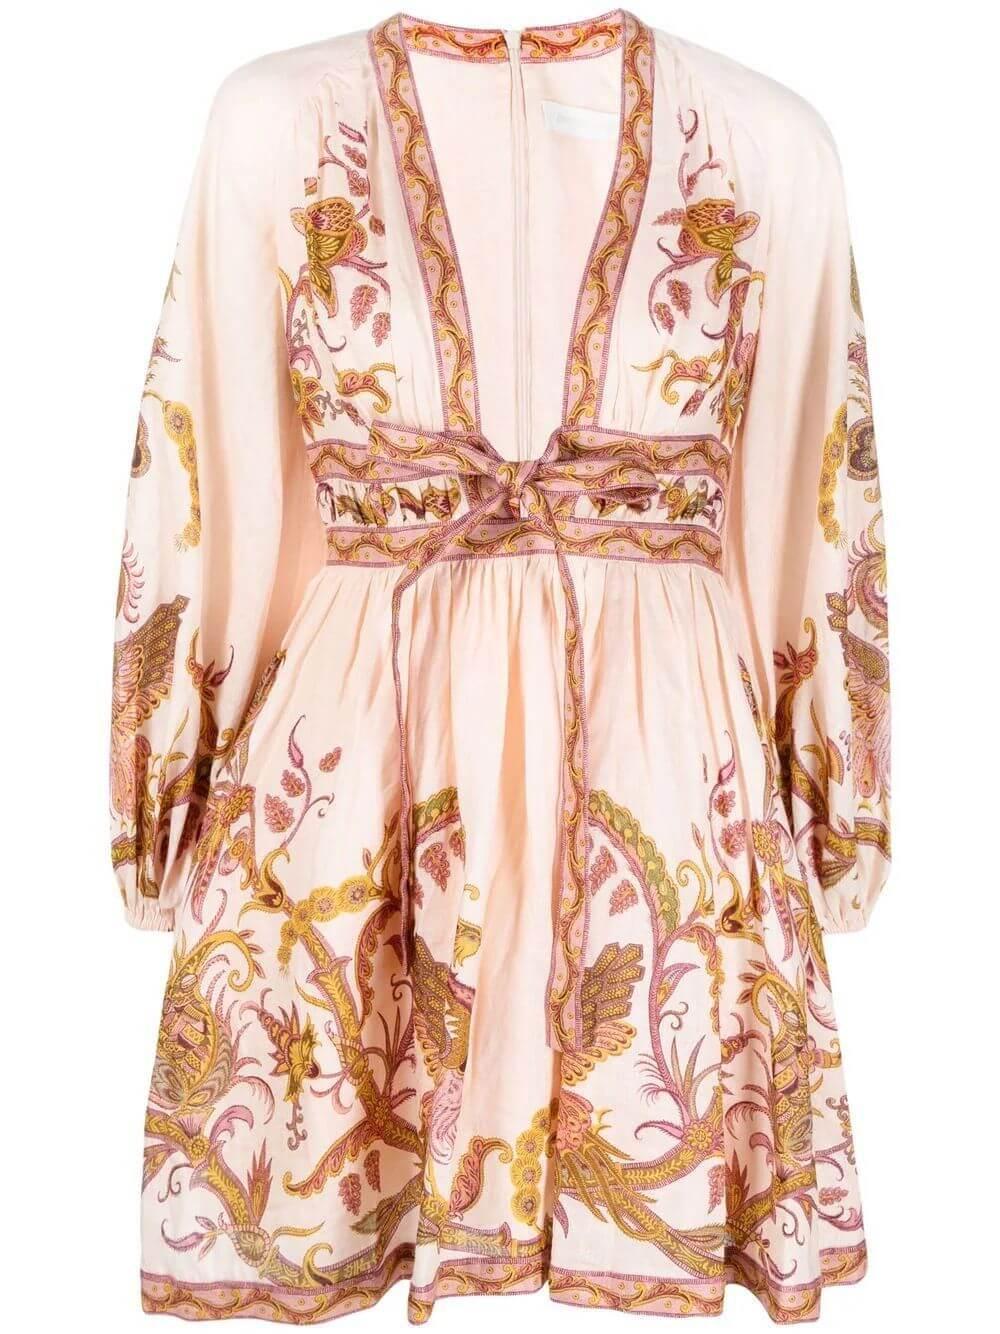 Cassia Mini Dress